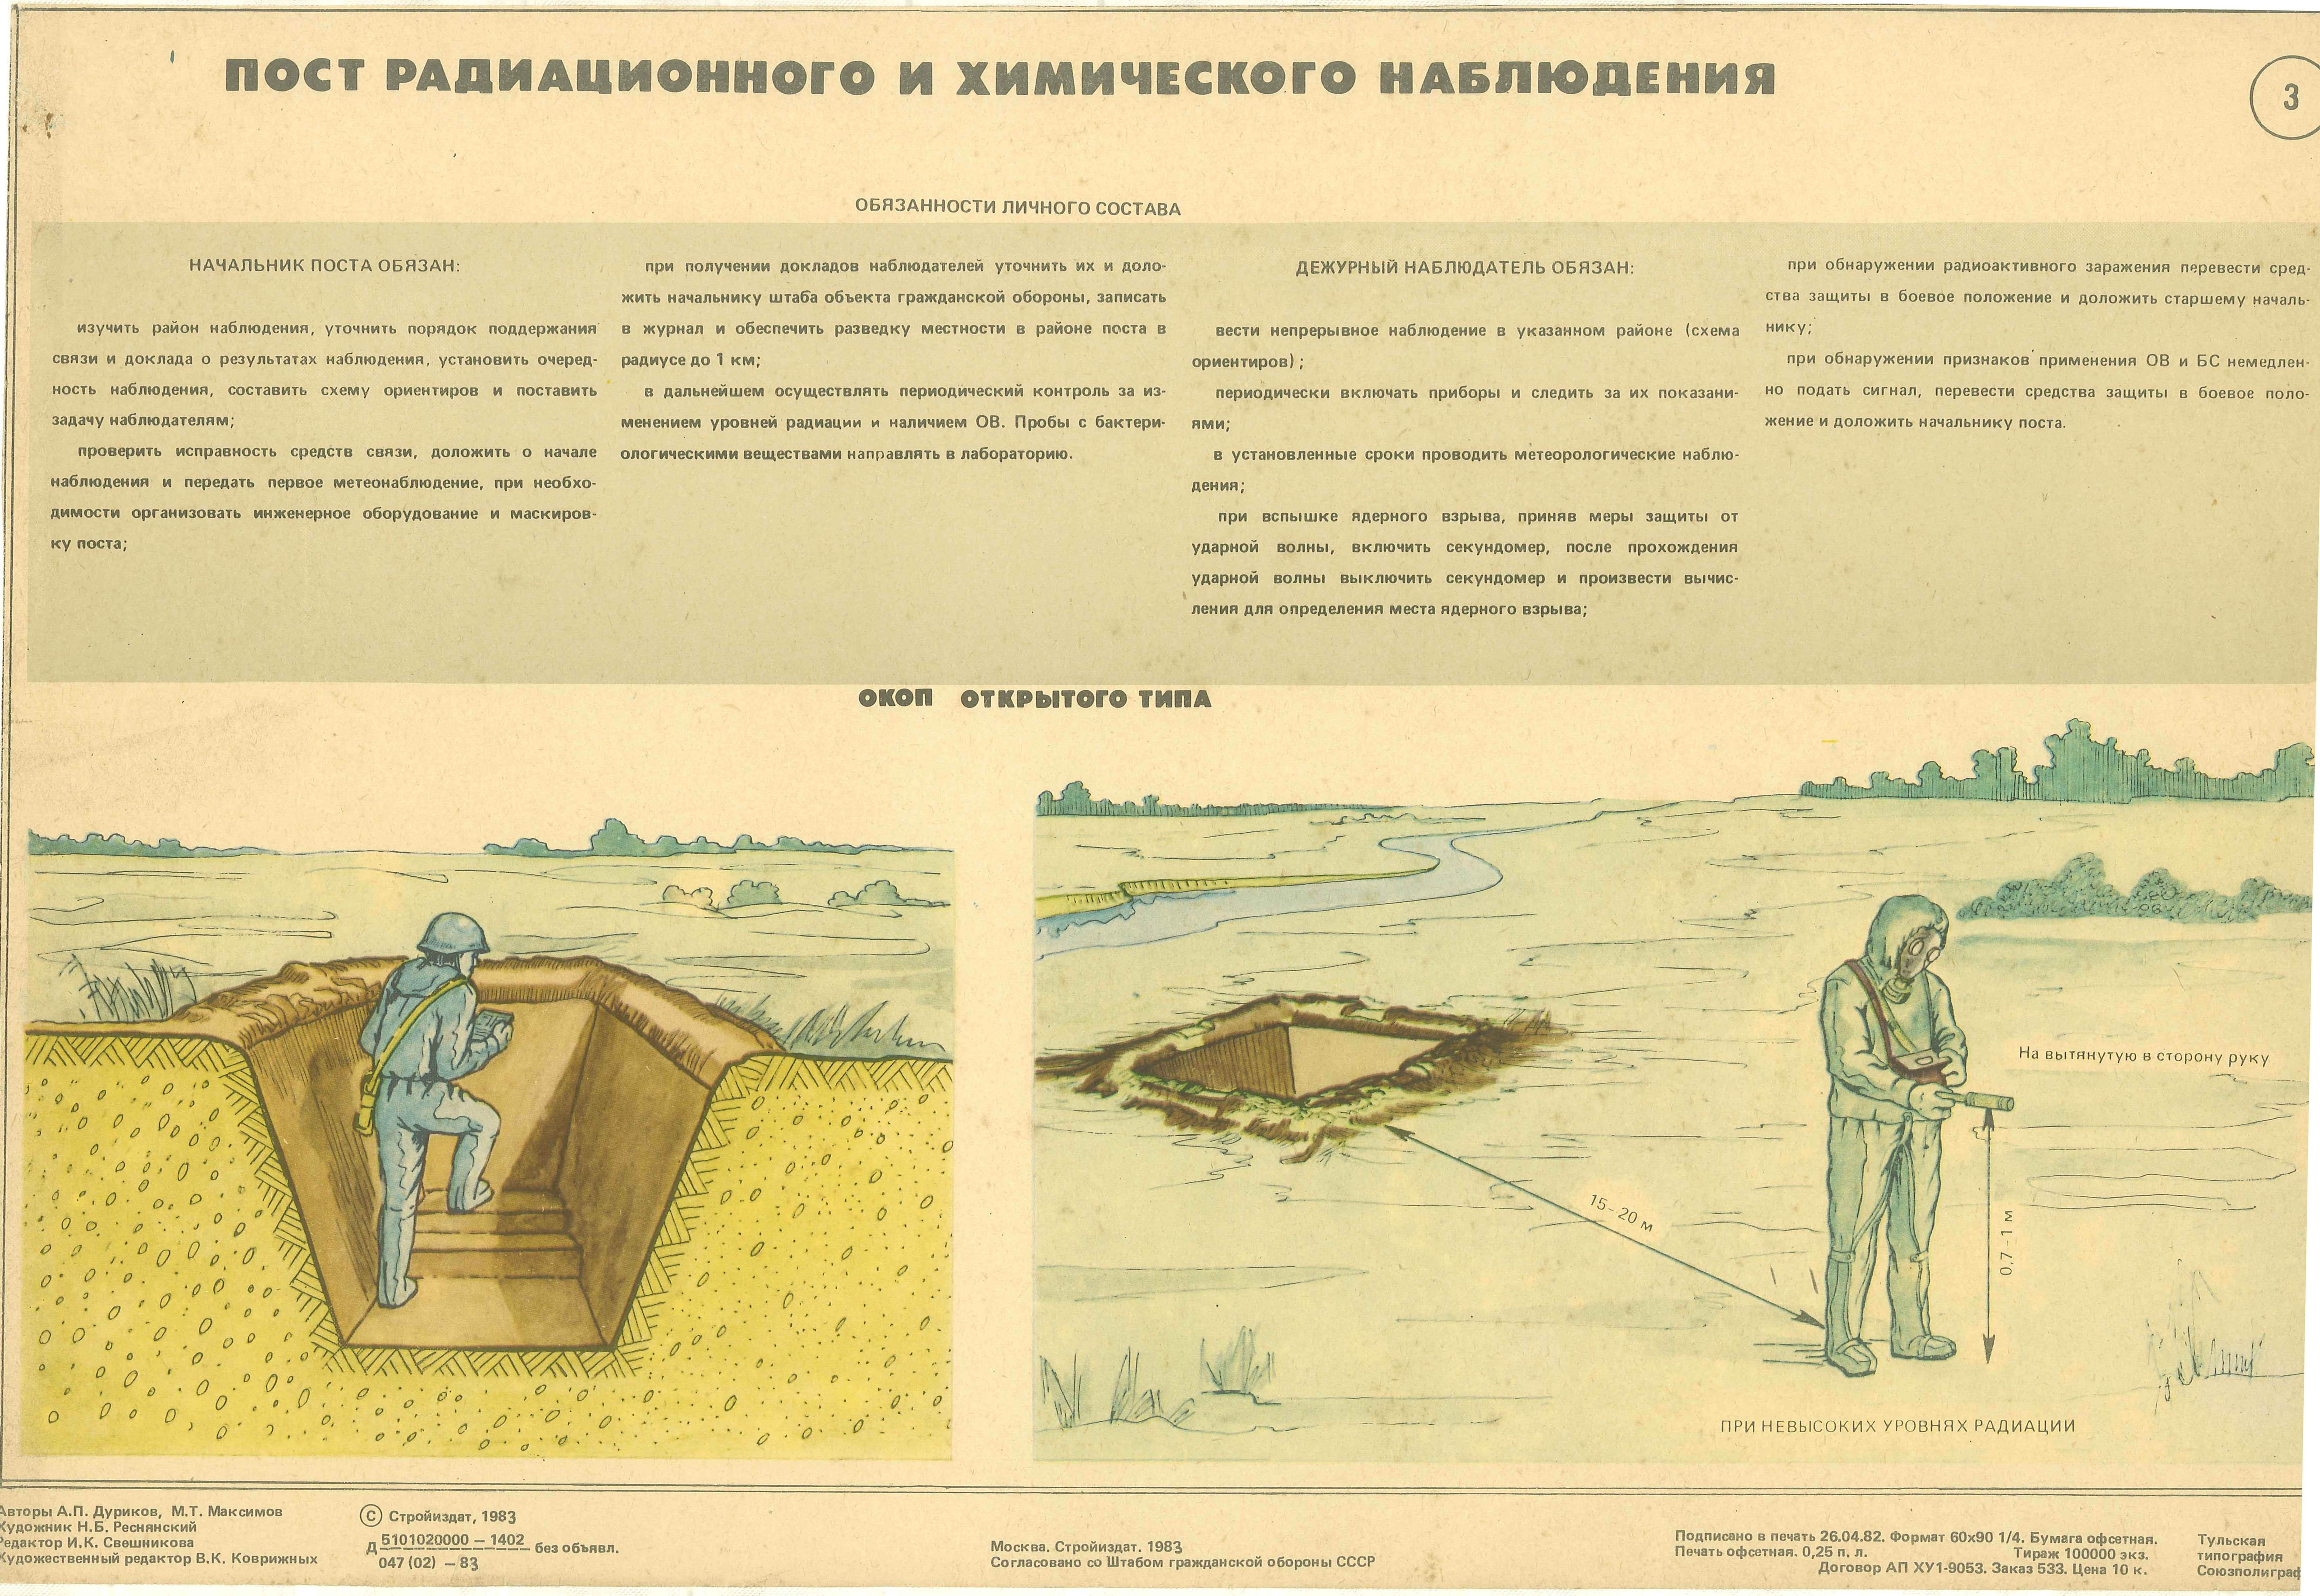 друга, обязанности действия пост радиационной и химической разведки отчетность